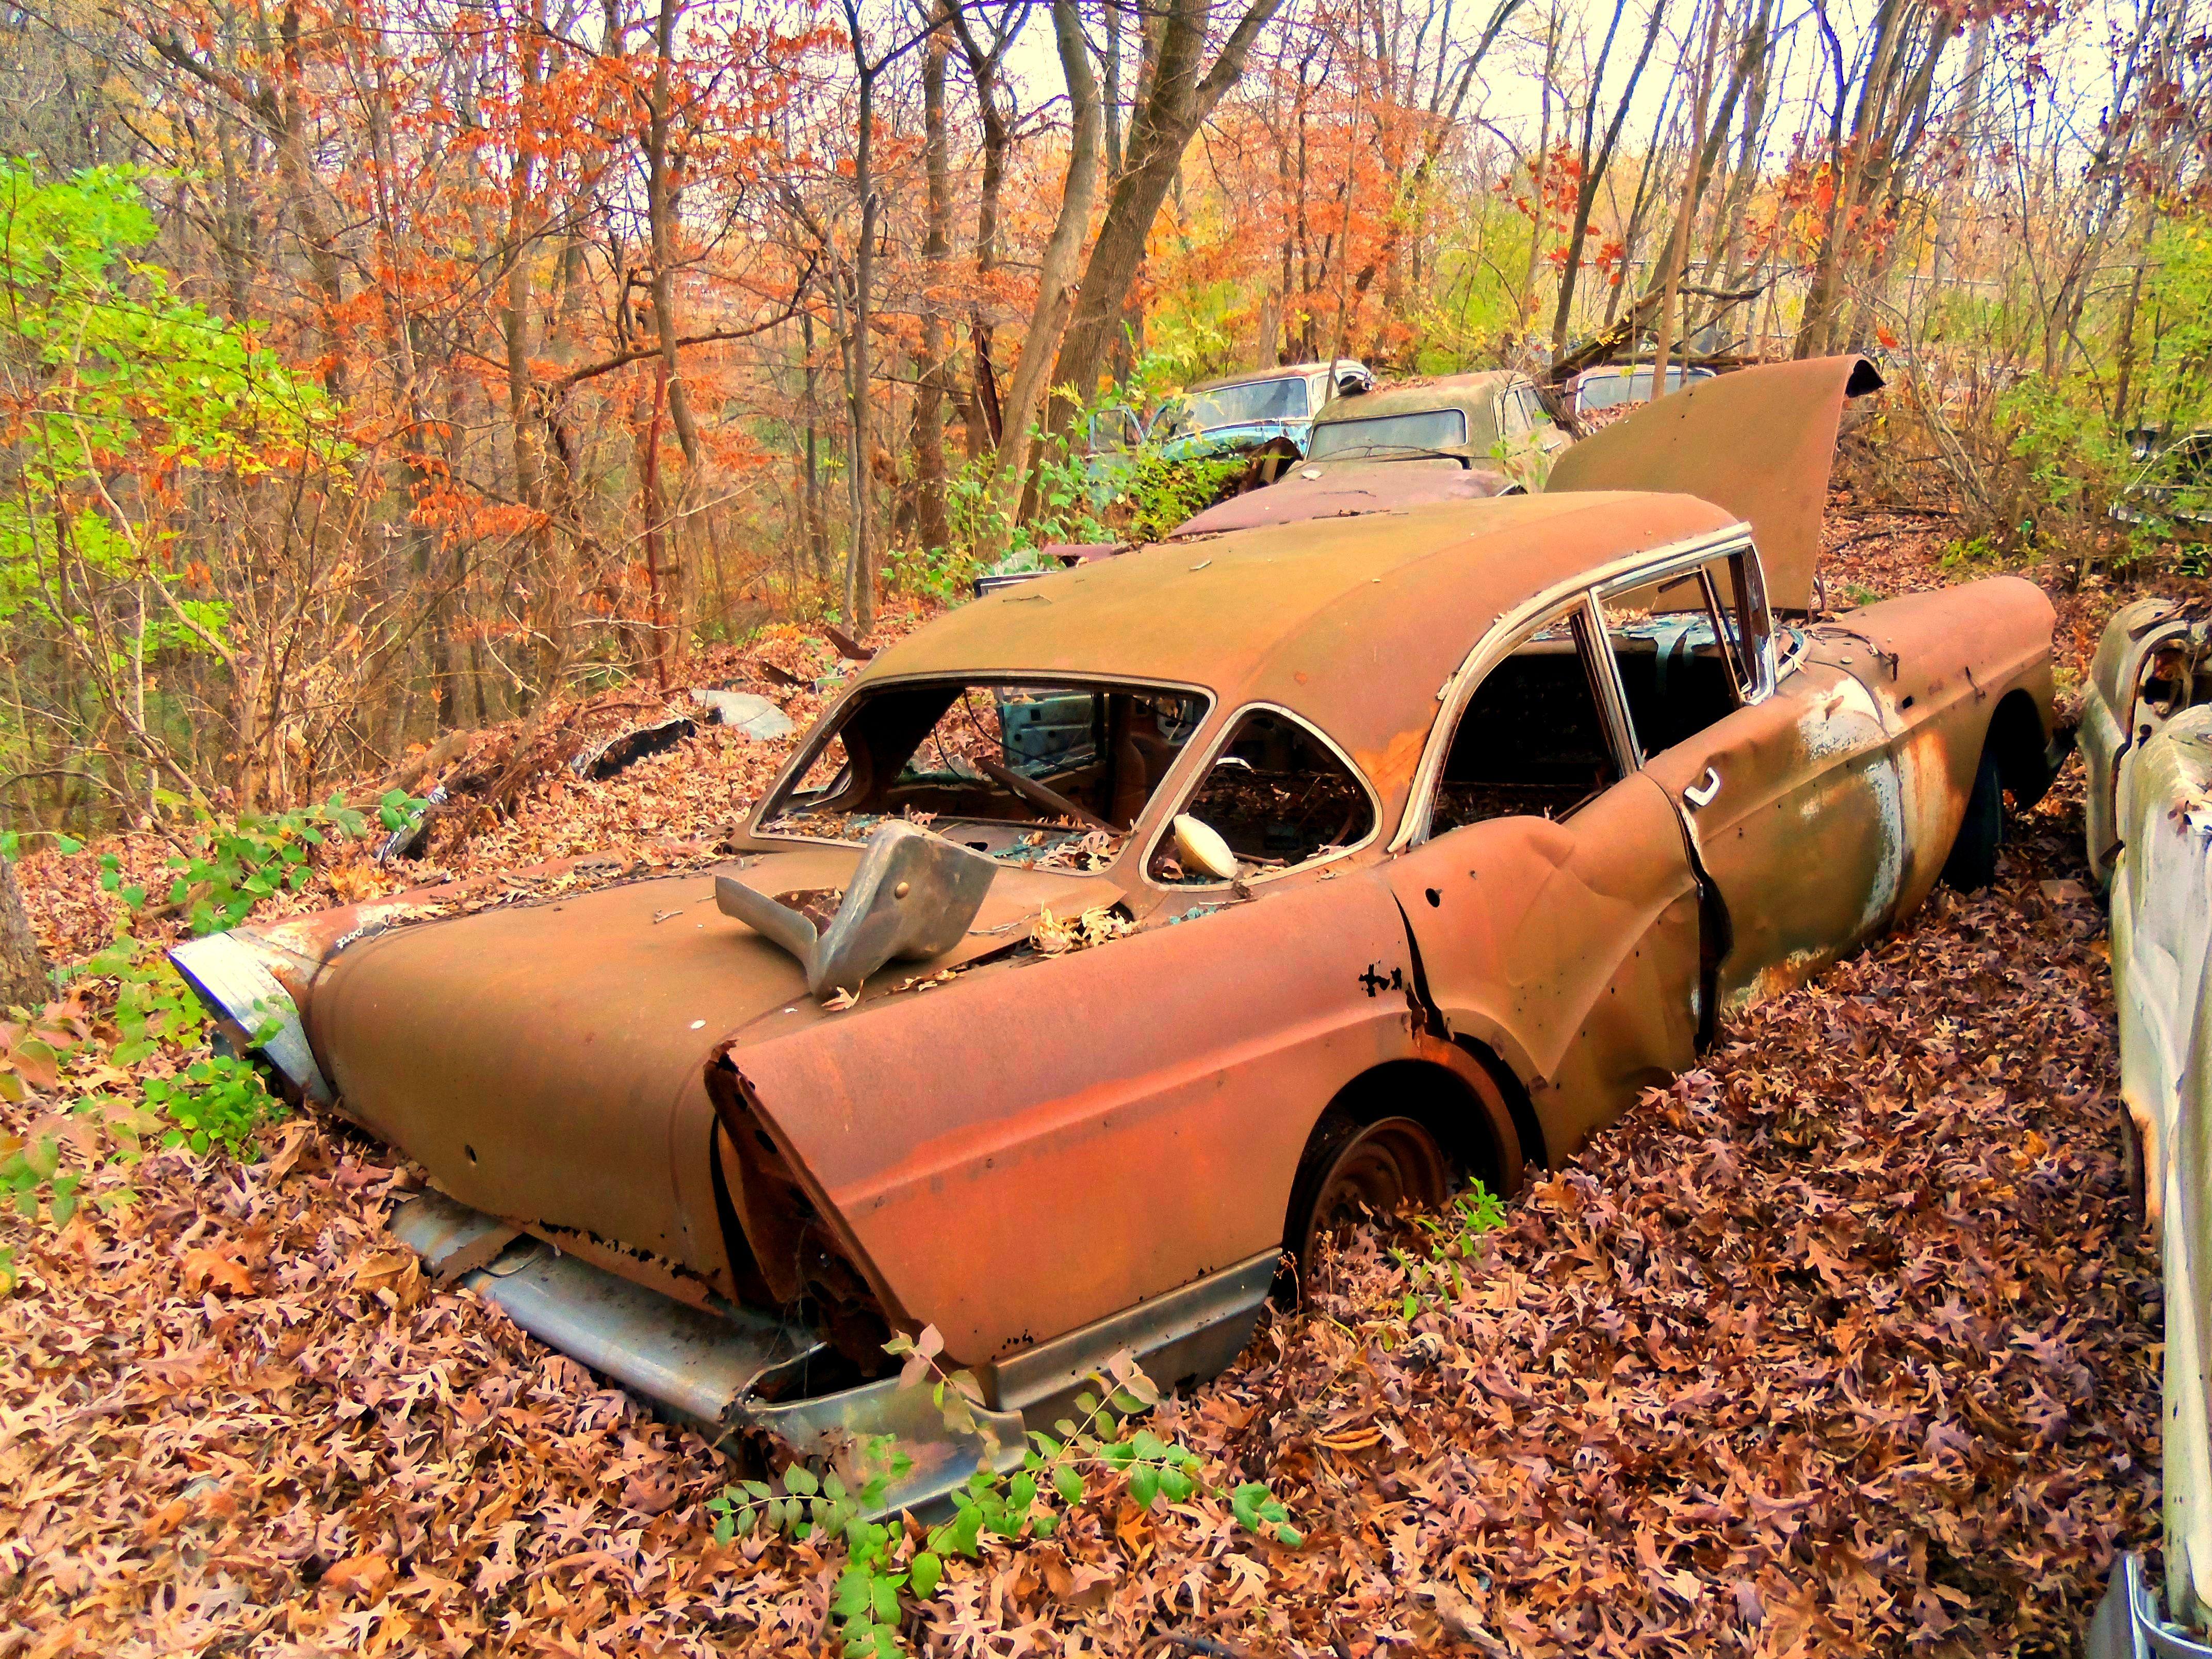 cool old junkyard